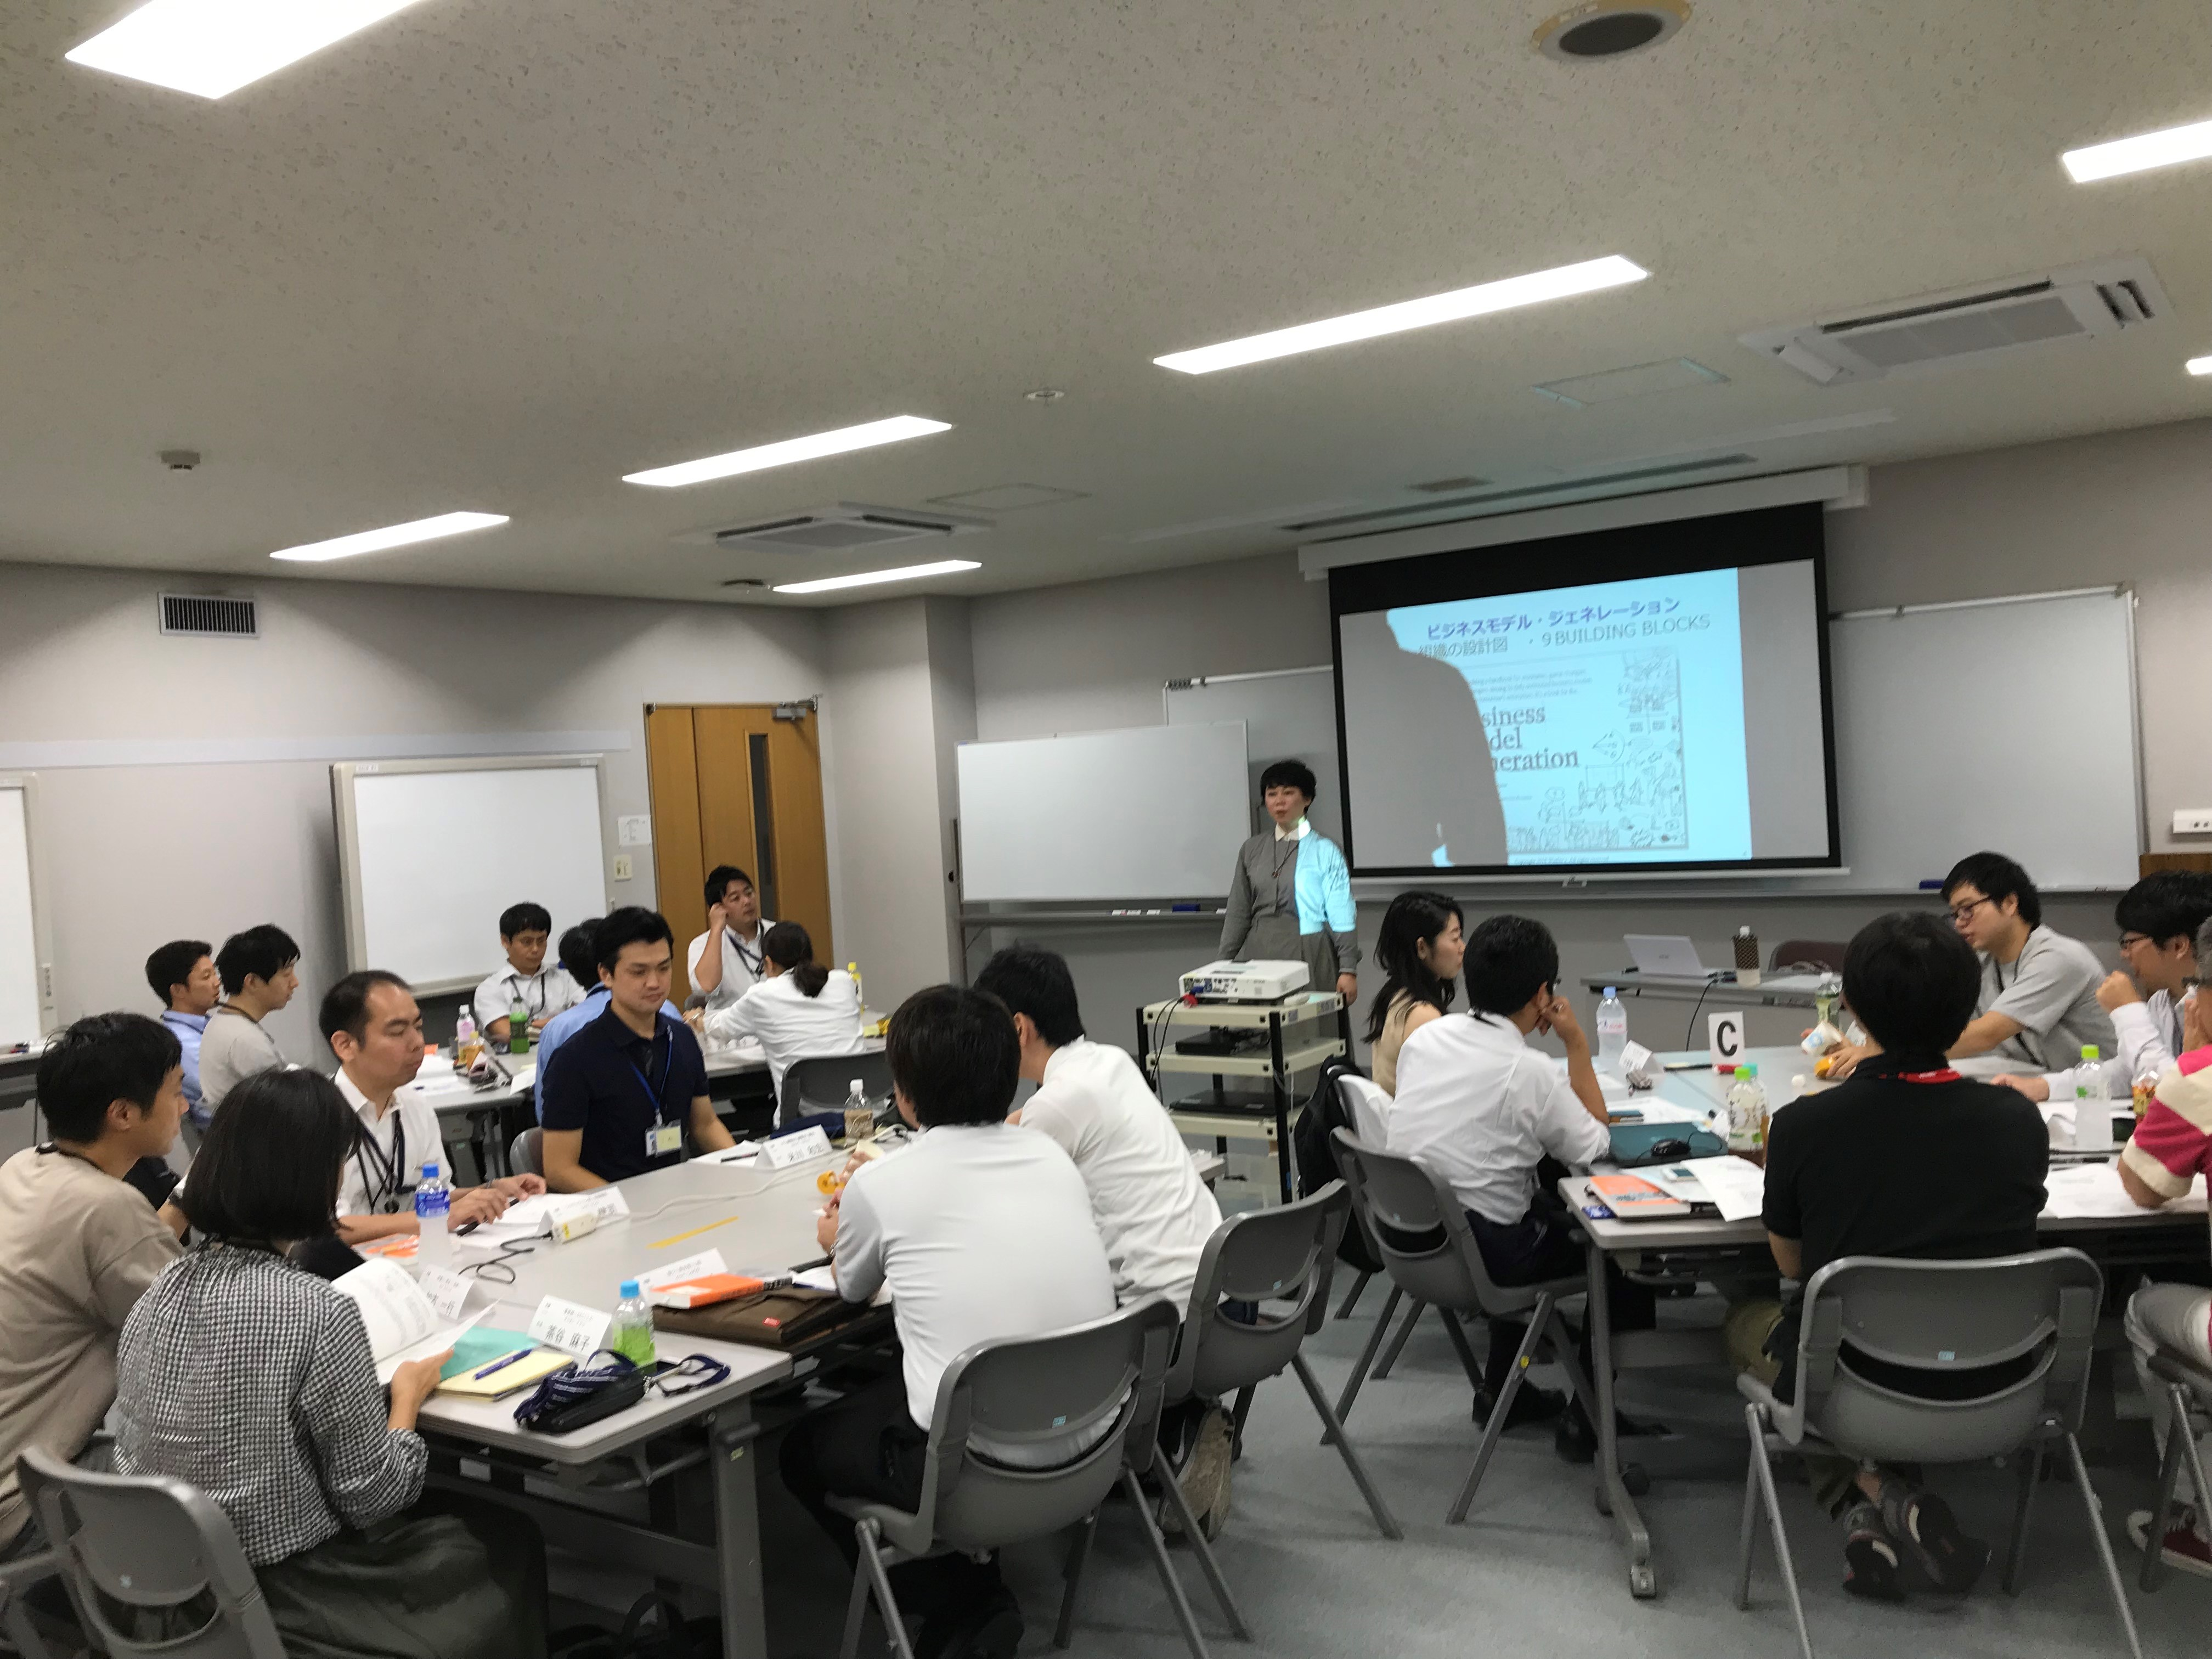 新規ビジネス検討会には、様々な部門からメンバーが参画する